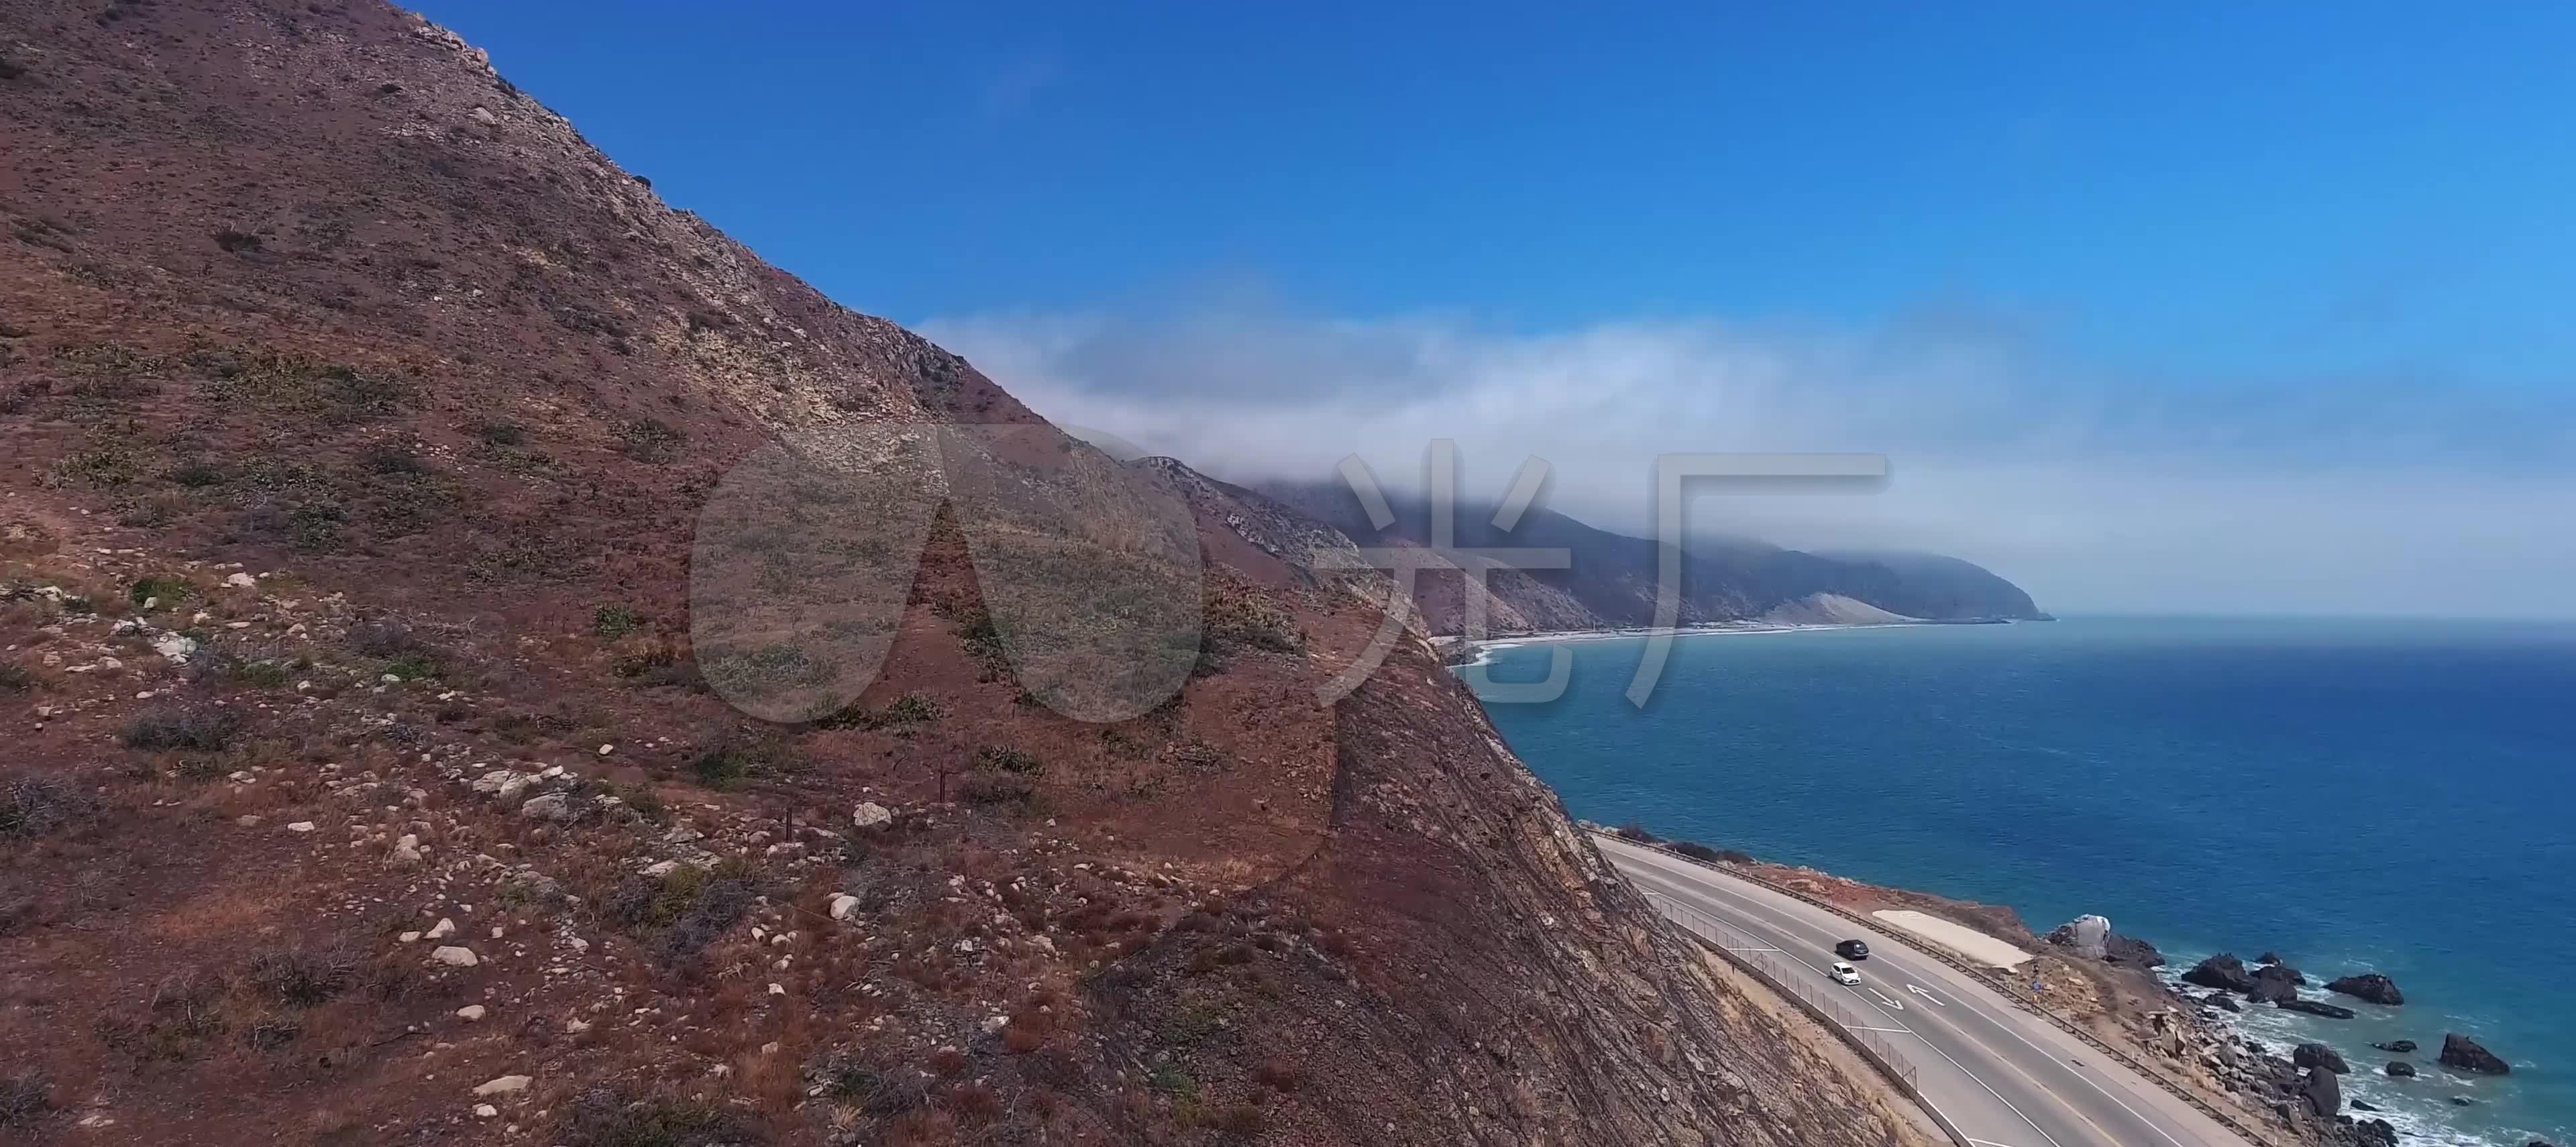 海边公路汽车_3840x1710_高清视频素材下载(编号:574)